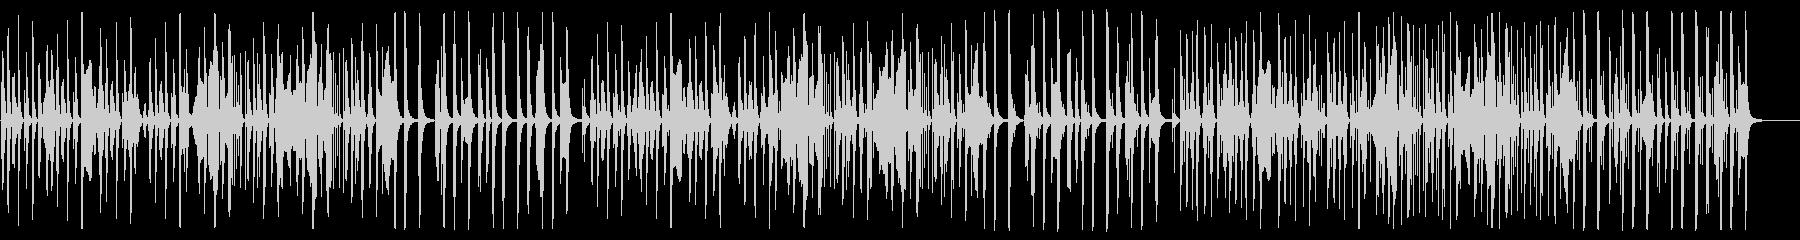 YouTube ハーモニカ・ピチカートの未再生の波形